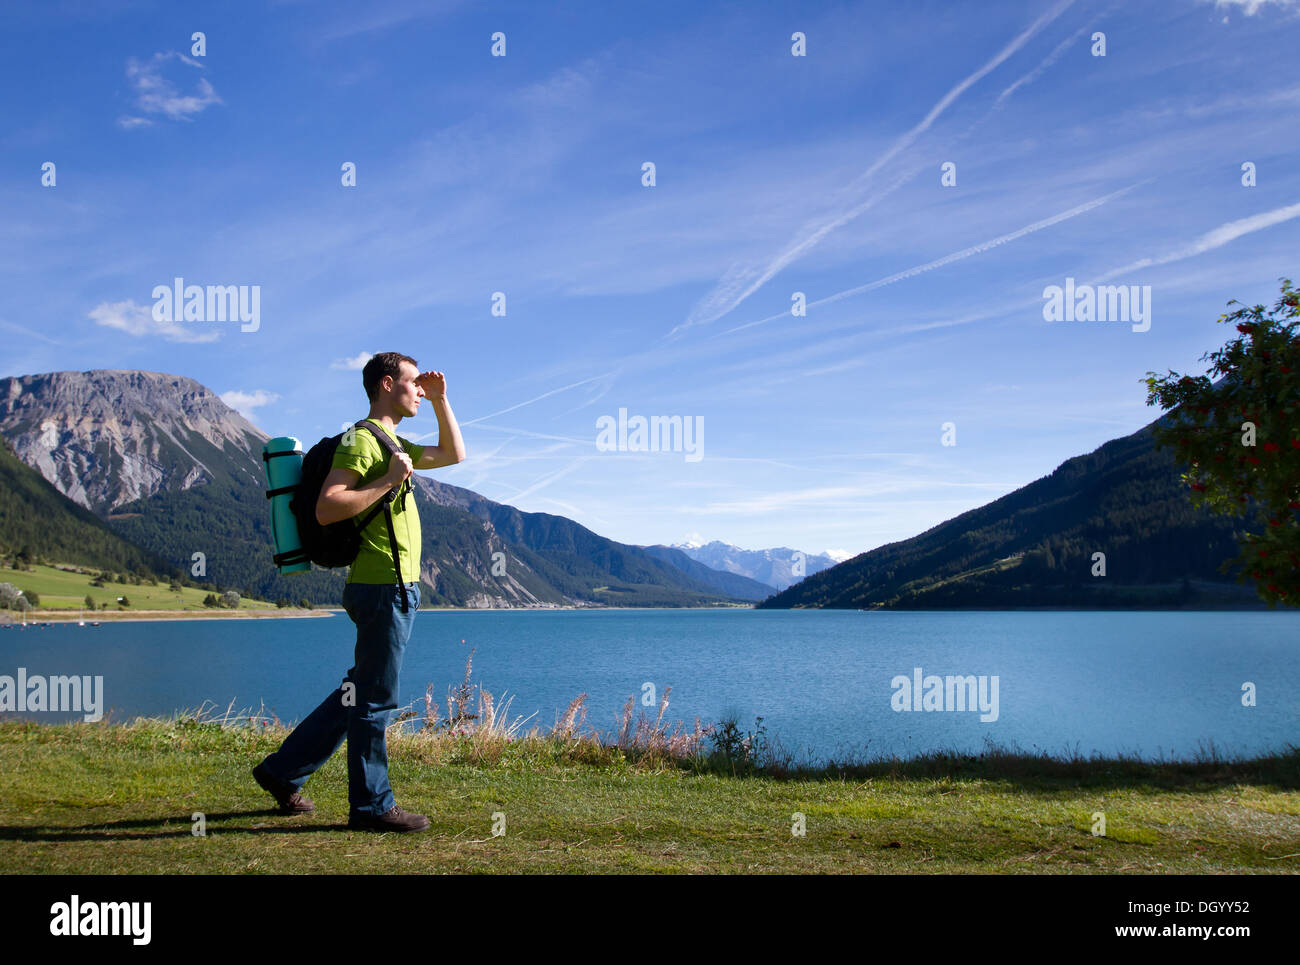 Reisenden in Bergen, wir freuen uns, neue vision Stockbild